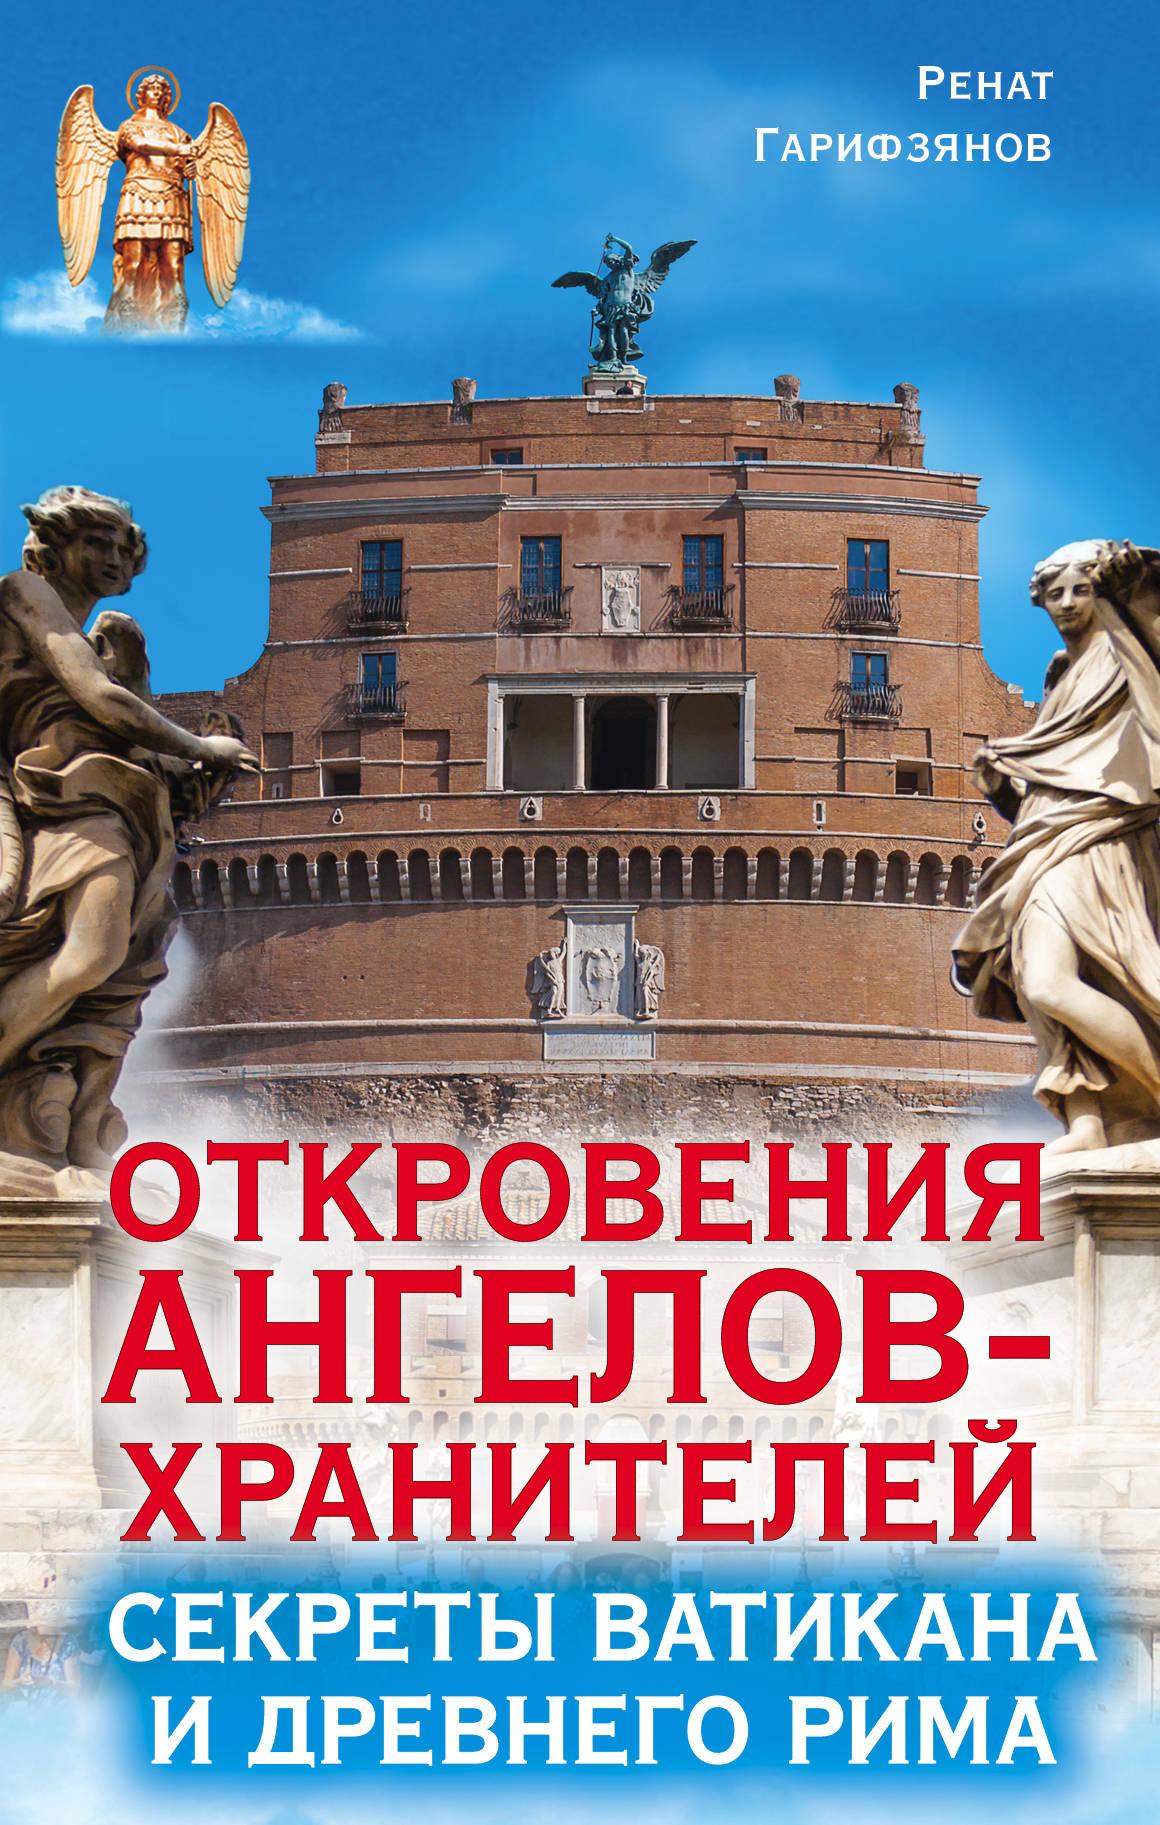 Откровения ангелов-хранителей. Секреты Ватикана и Древнего Рима. Ренат Гарифзянов